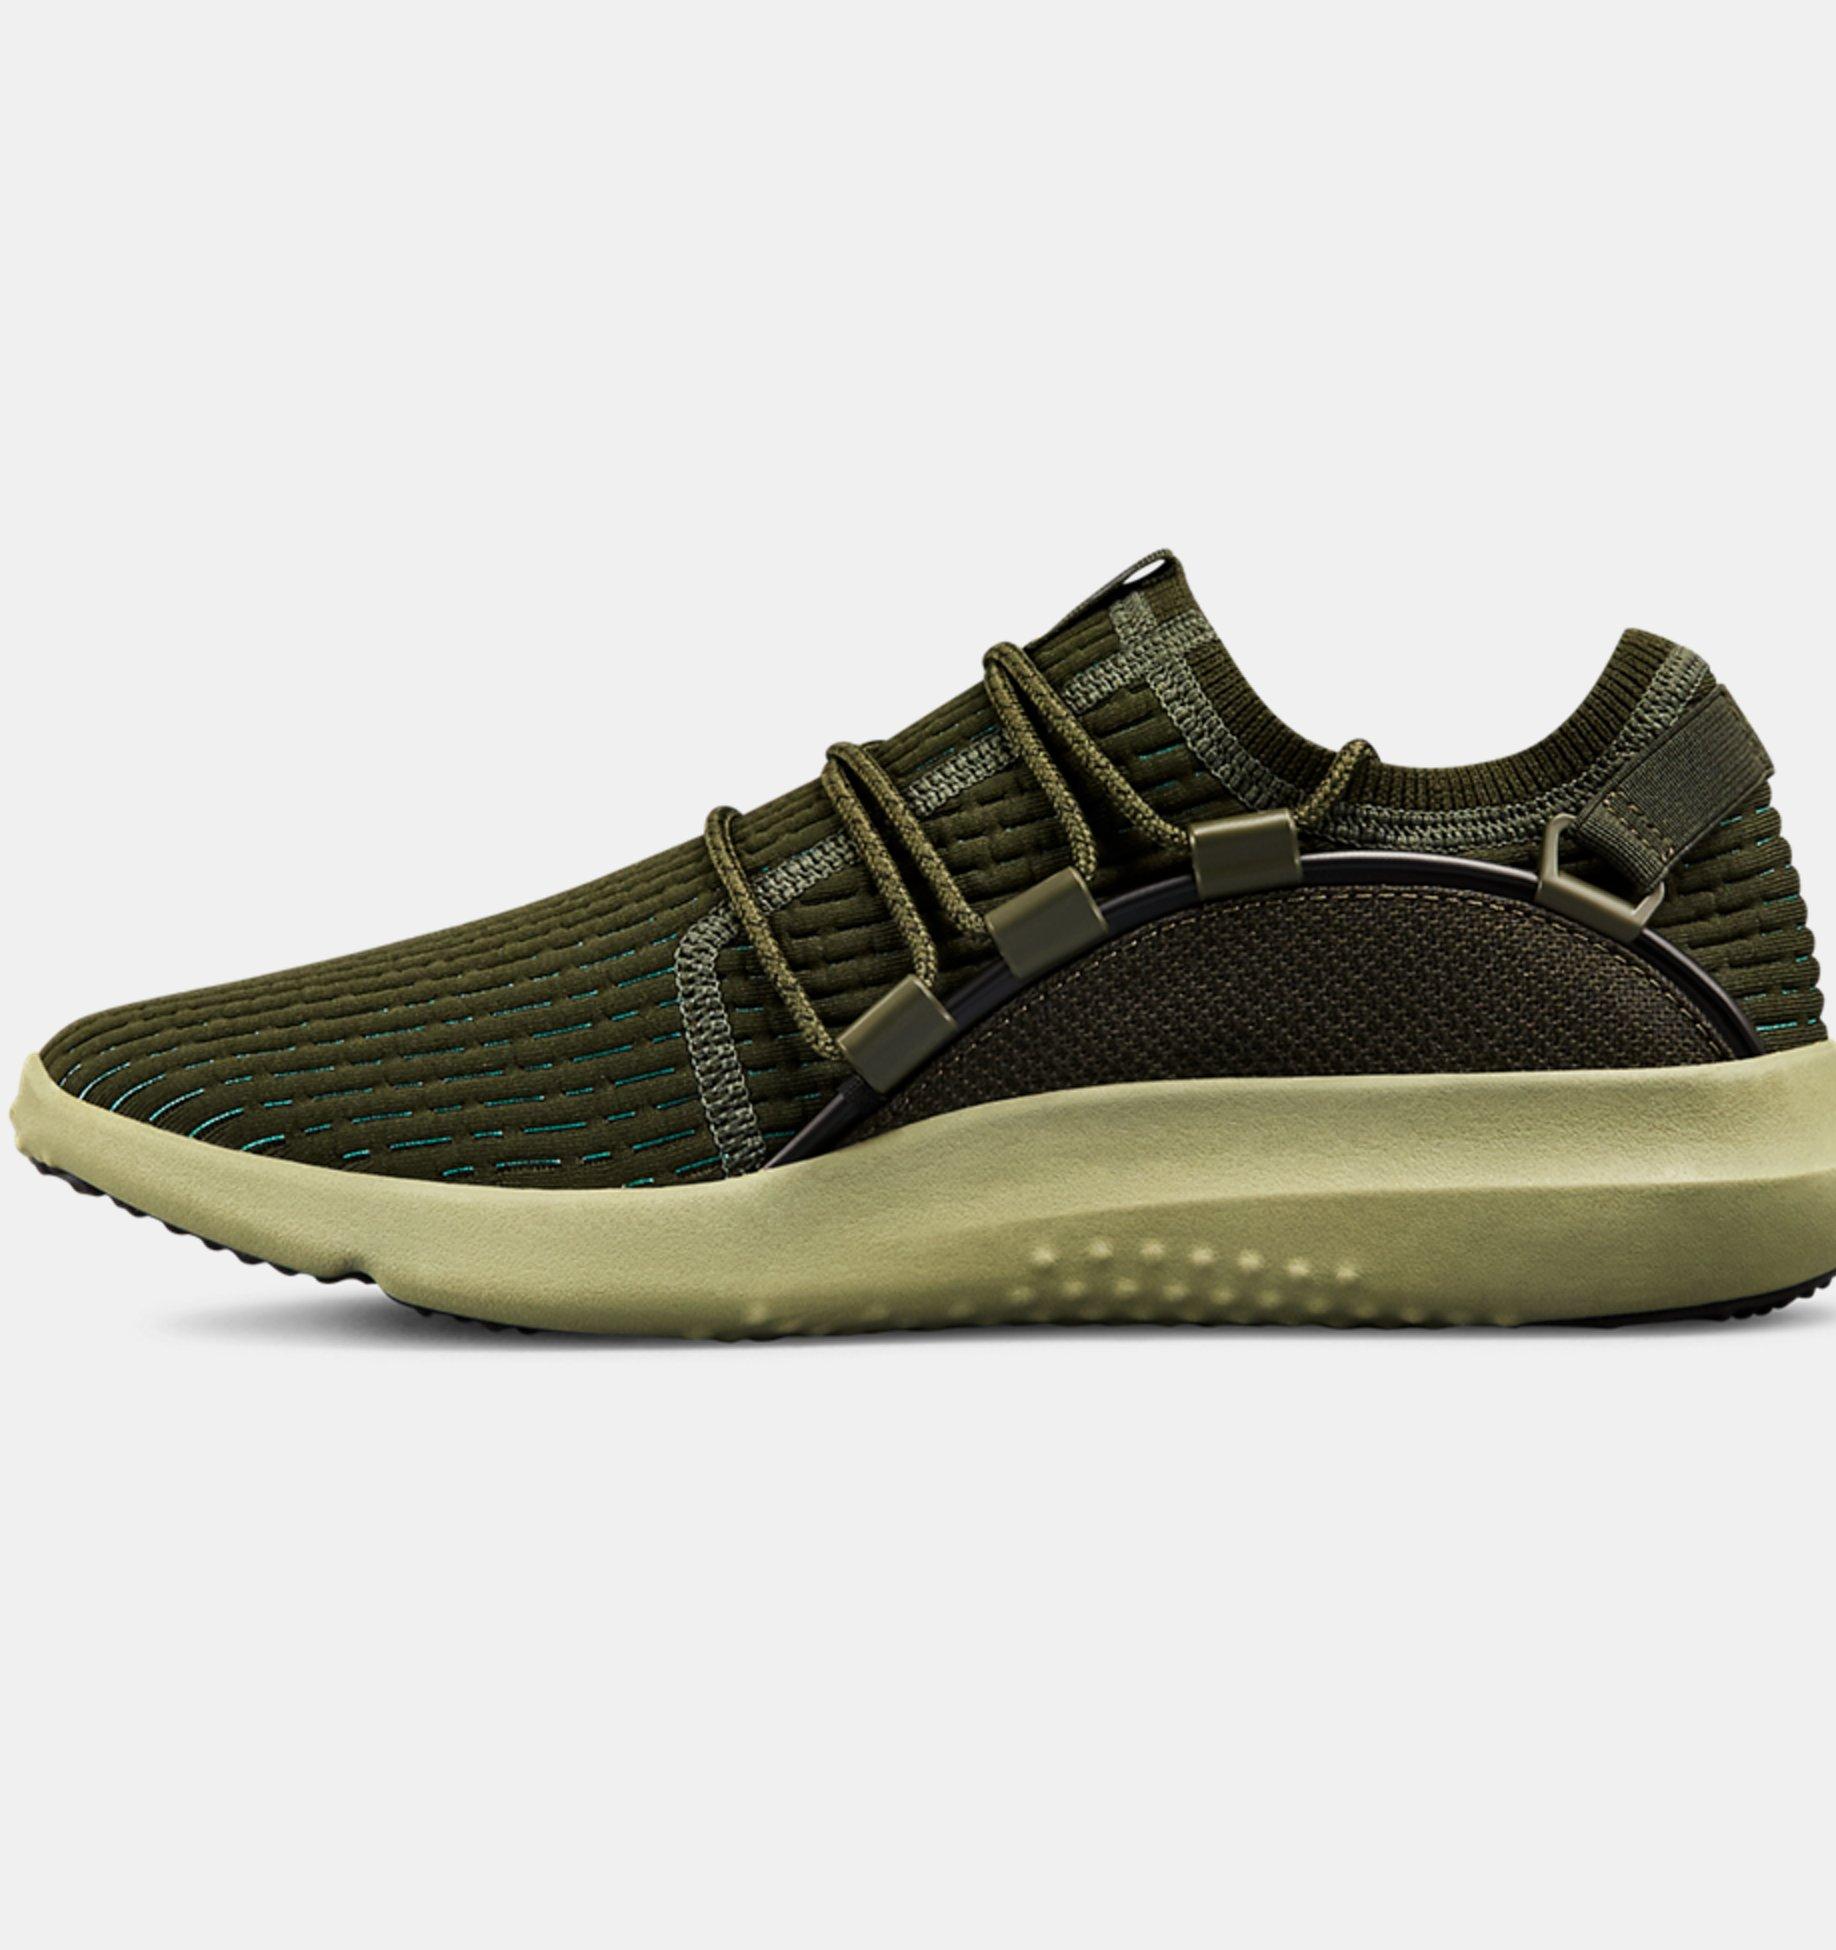 ... Sepatu UA RailFit NM Lifestyle untuk Pria ... 42ddff61b5